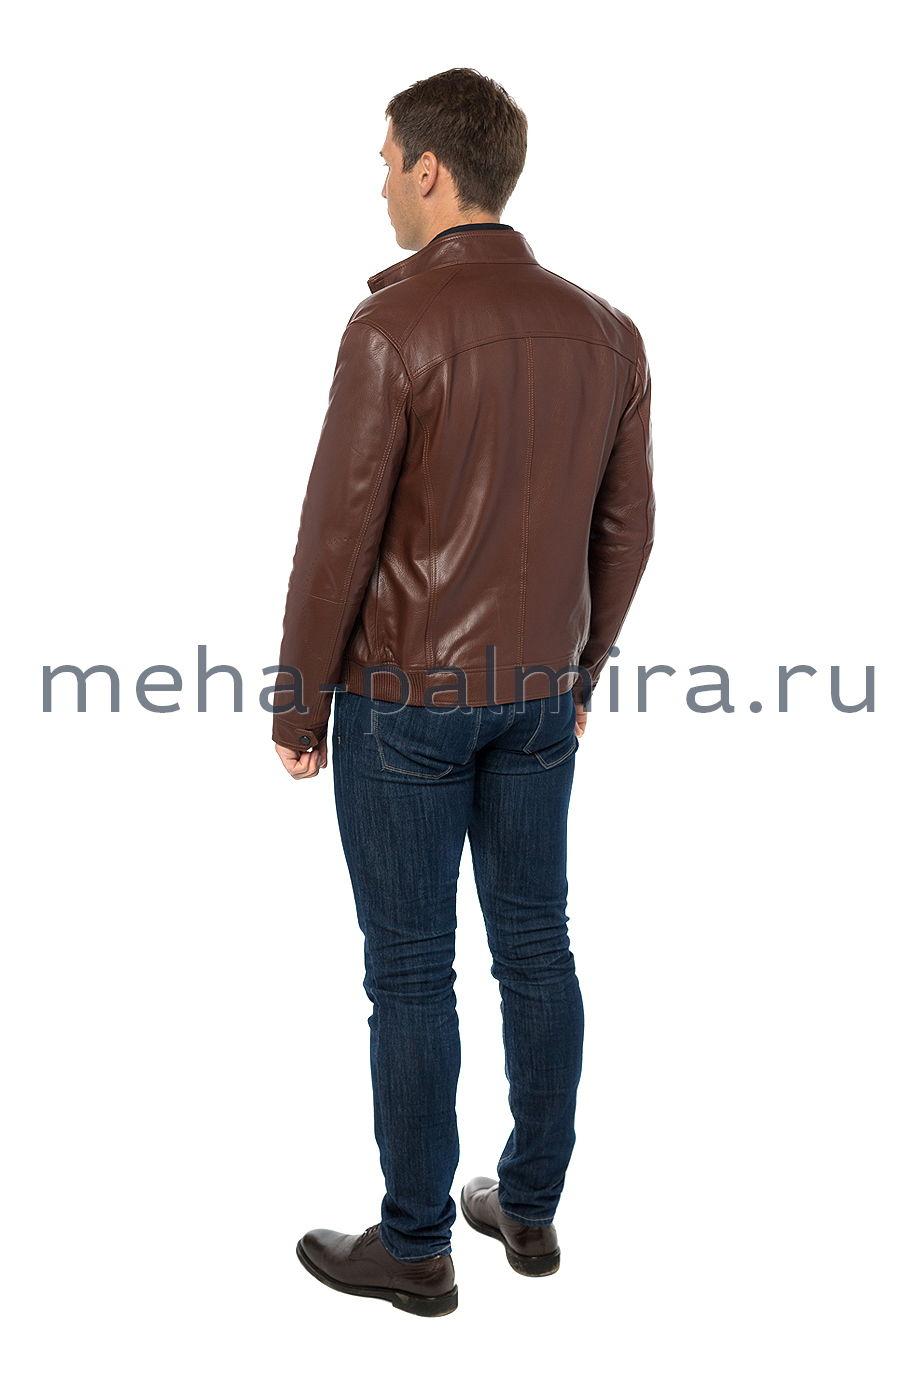 Коричневая куртка бомбер из кожи для мужчин